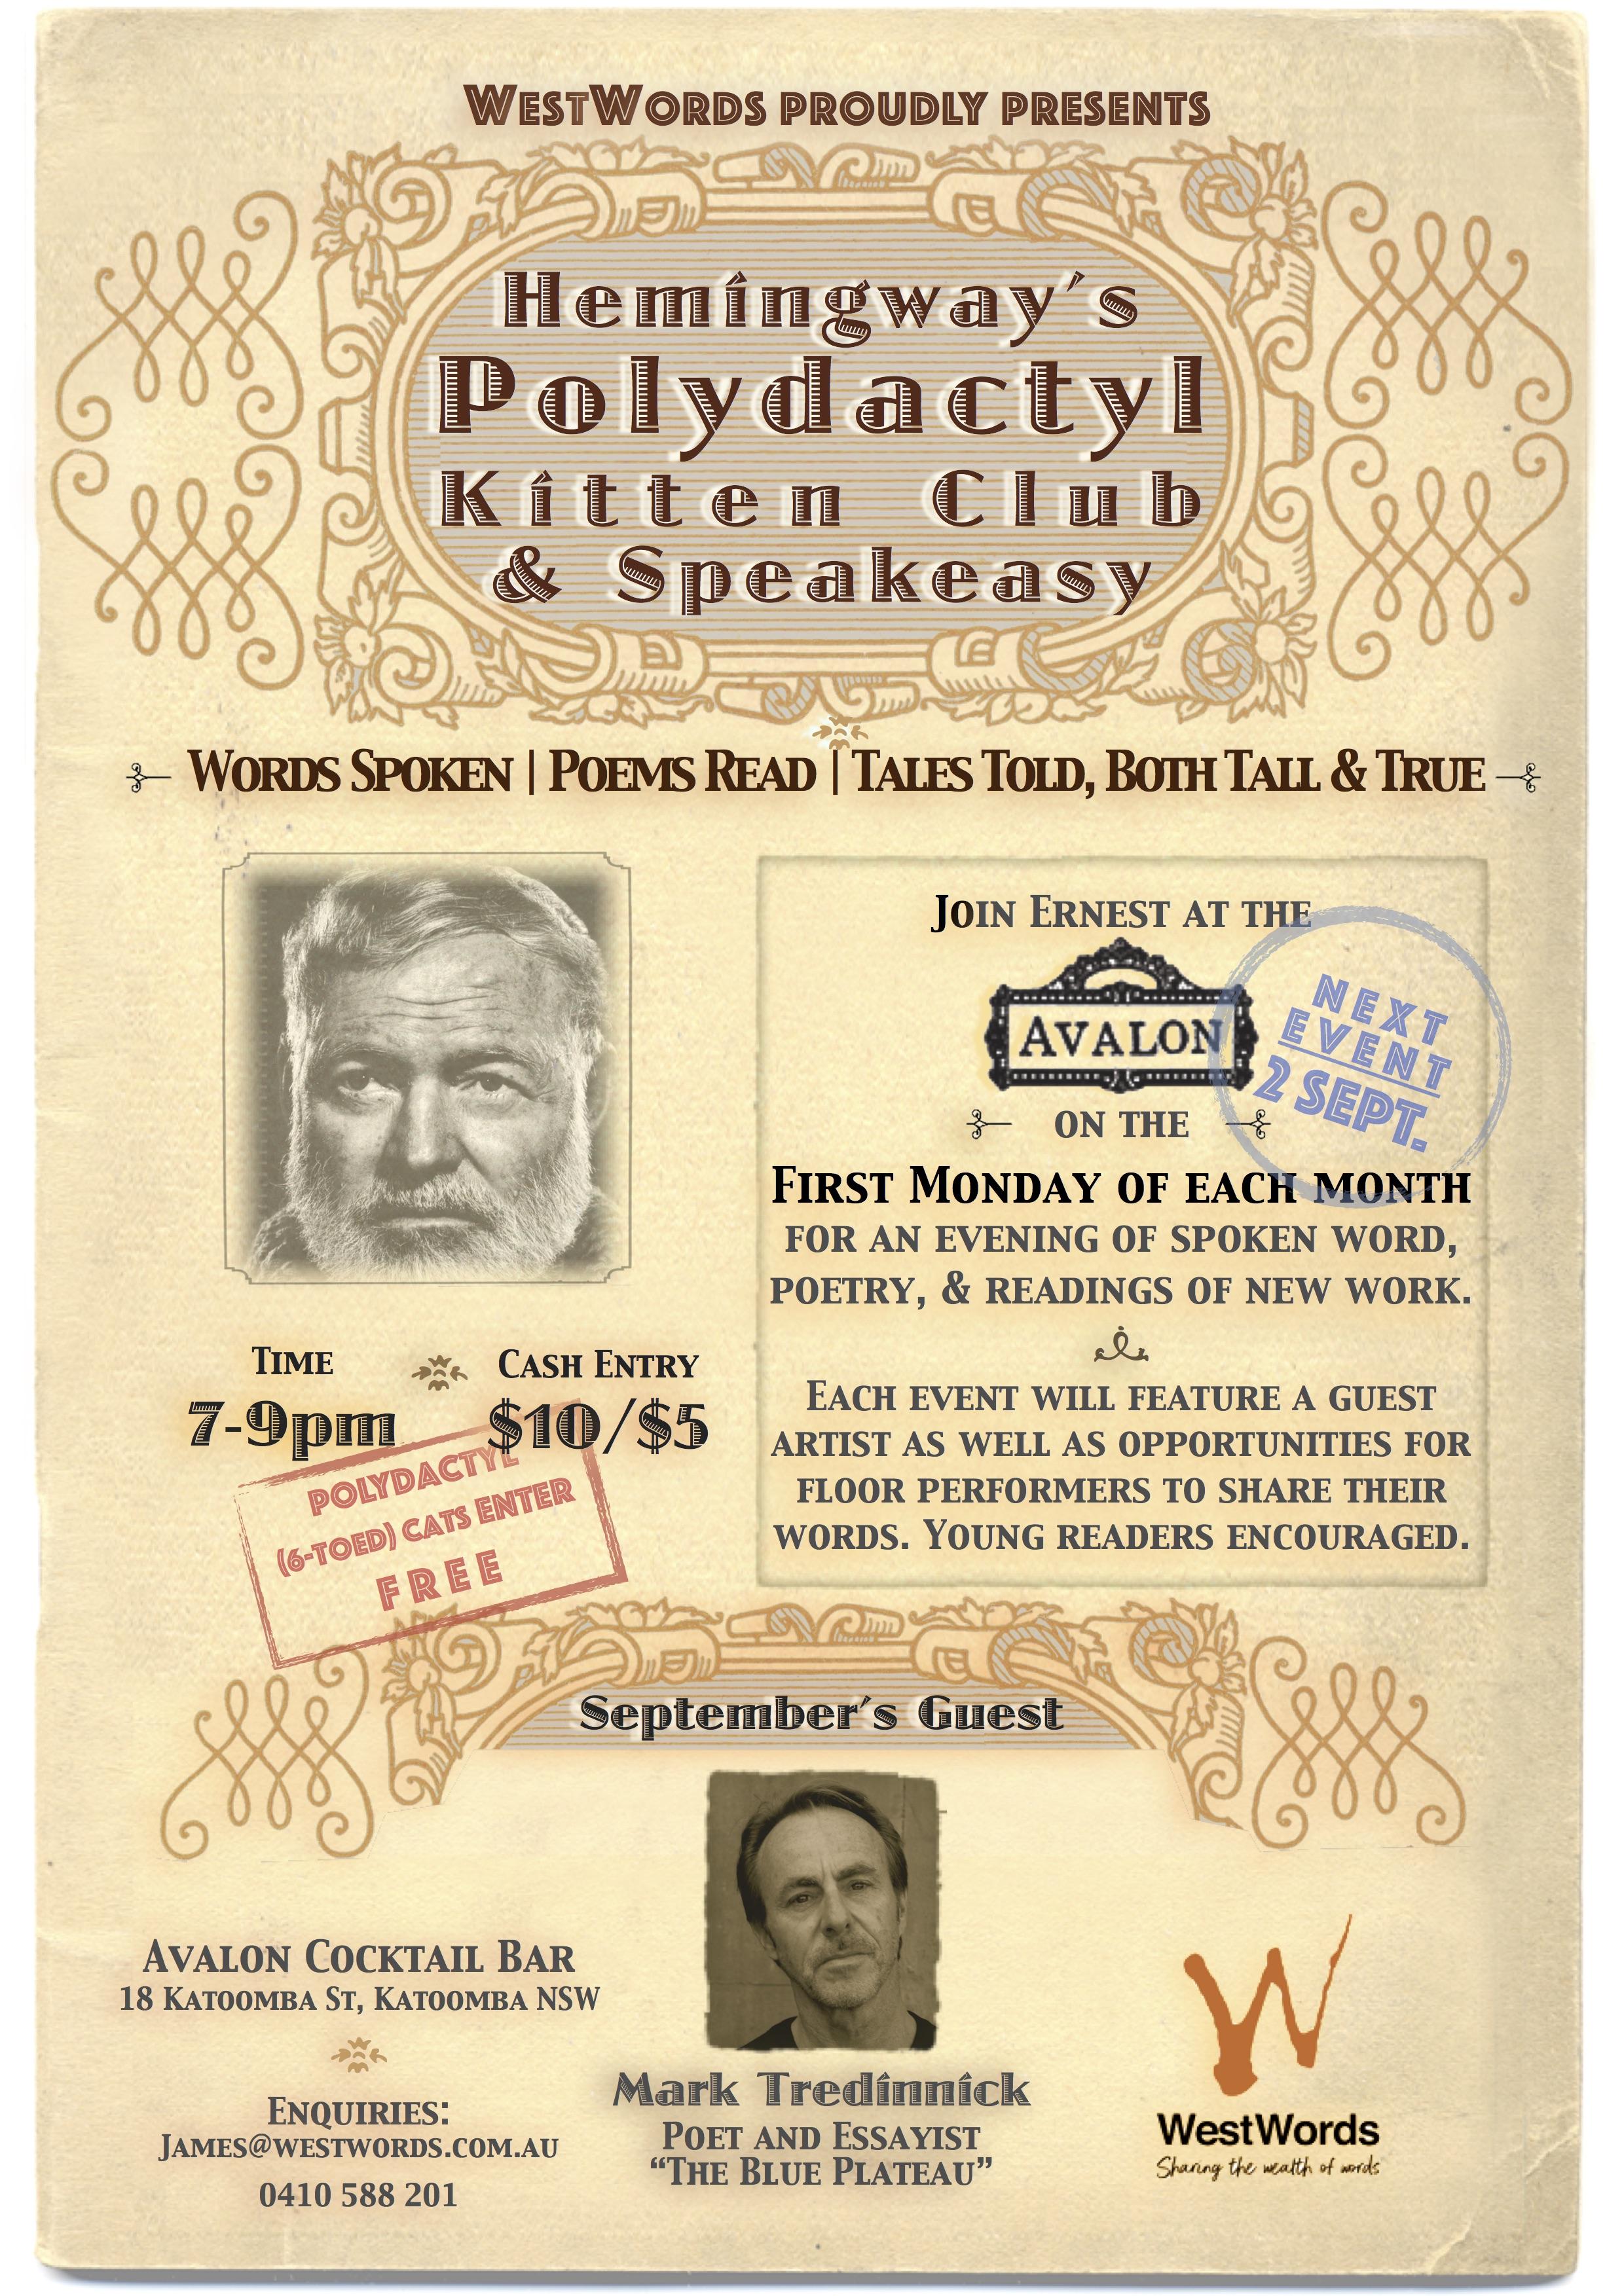 Polydactyl_Poster_September.jpg